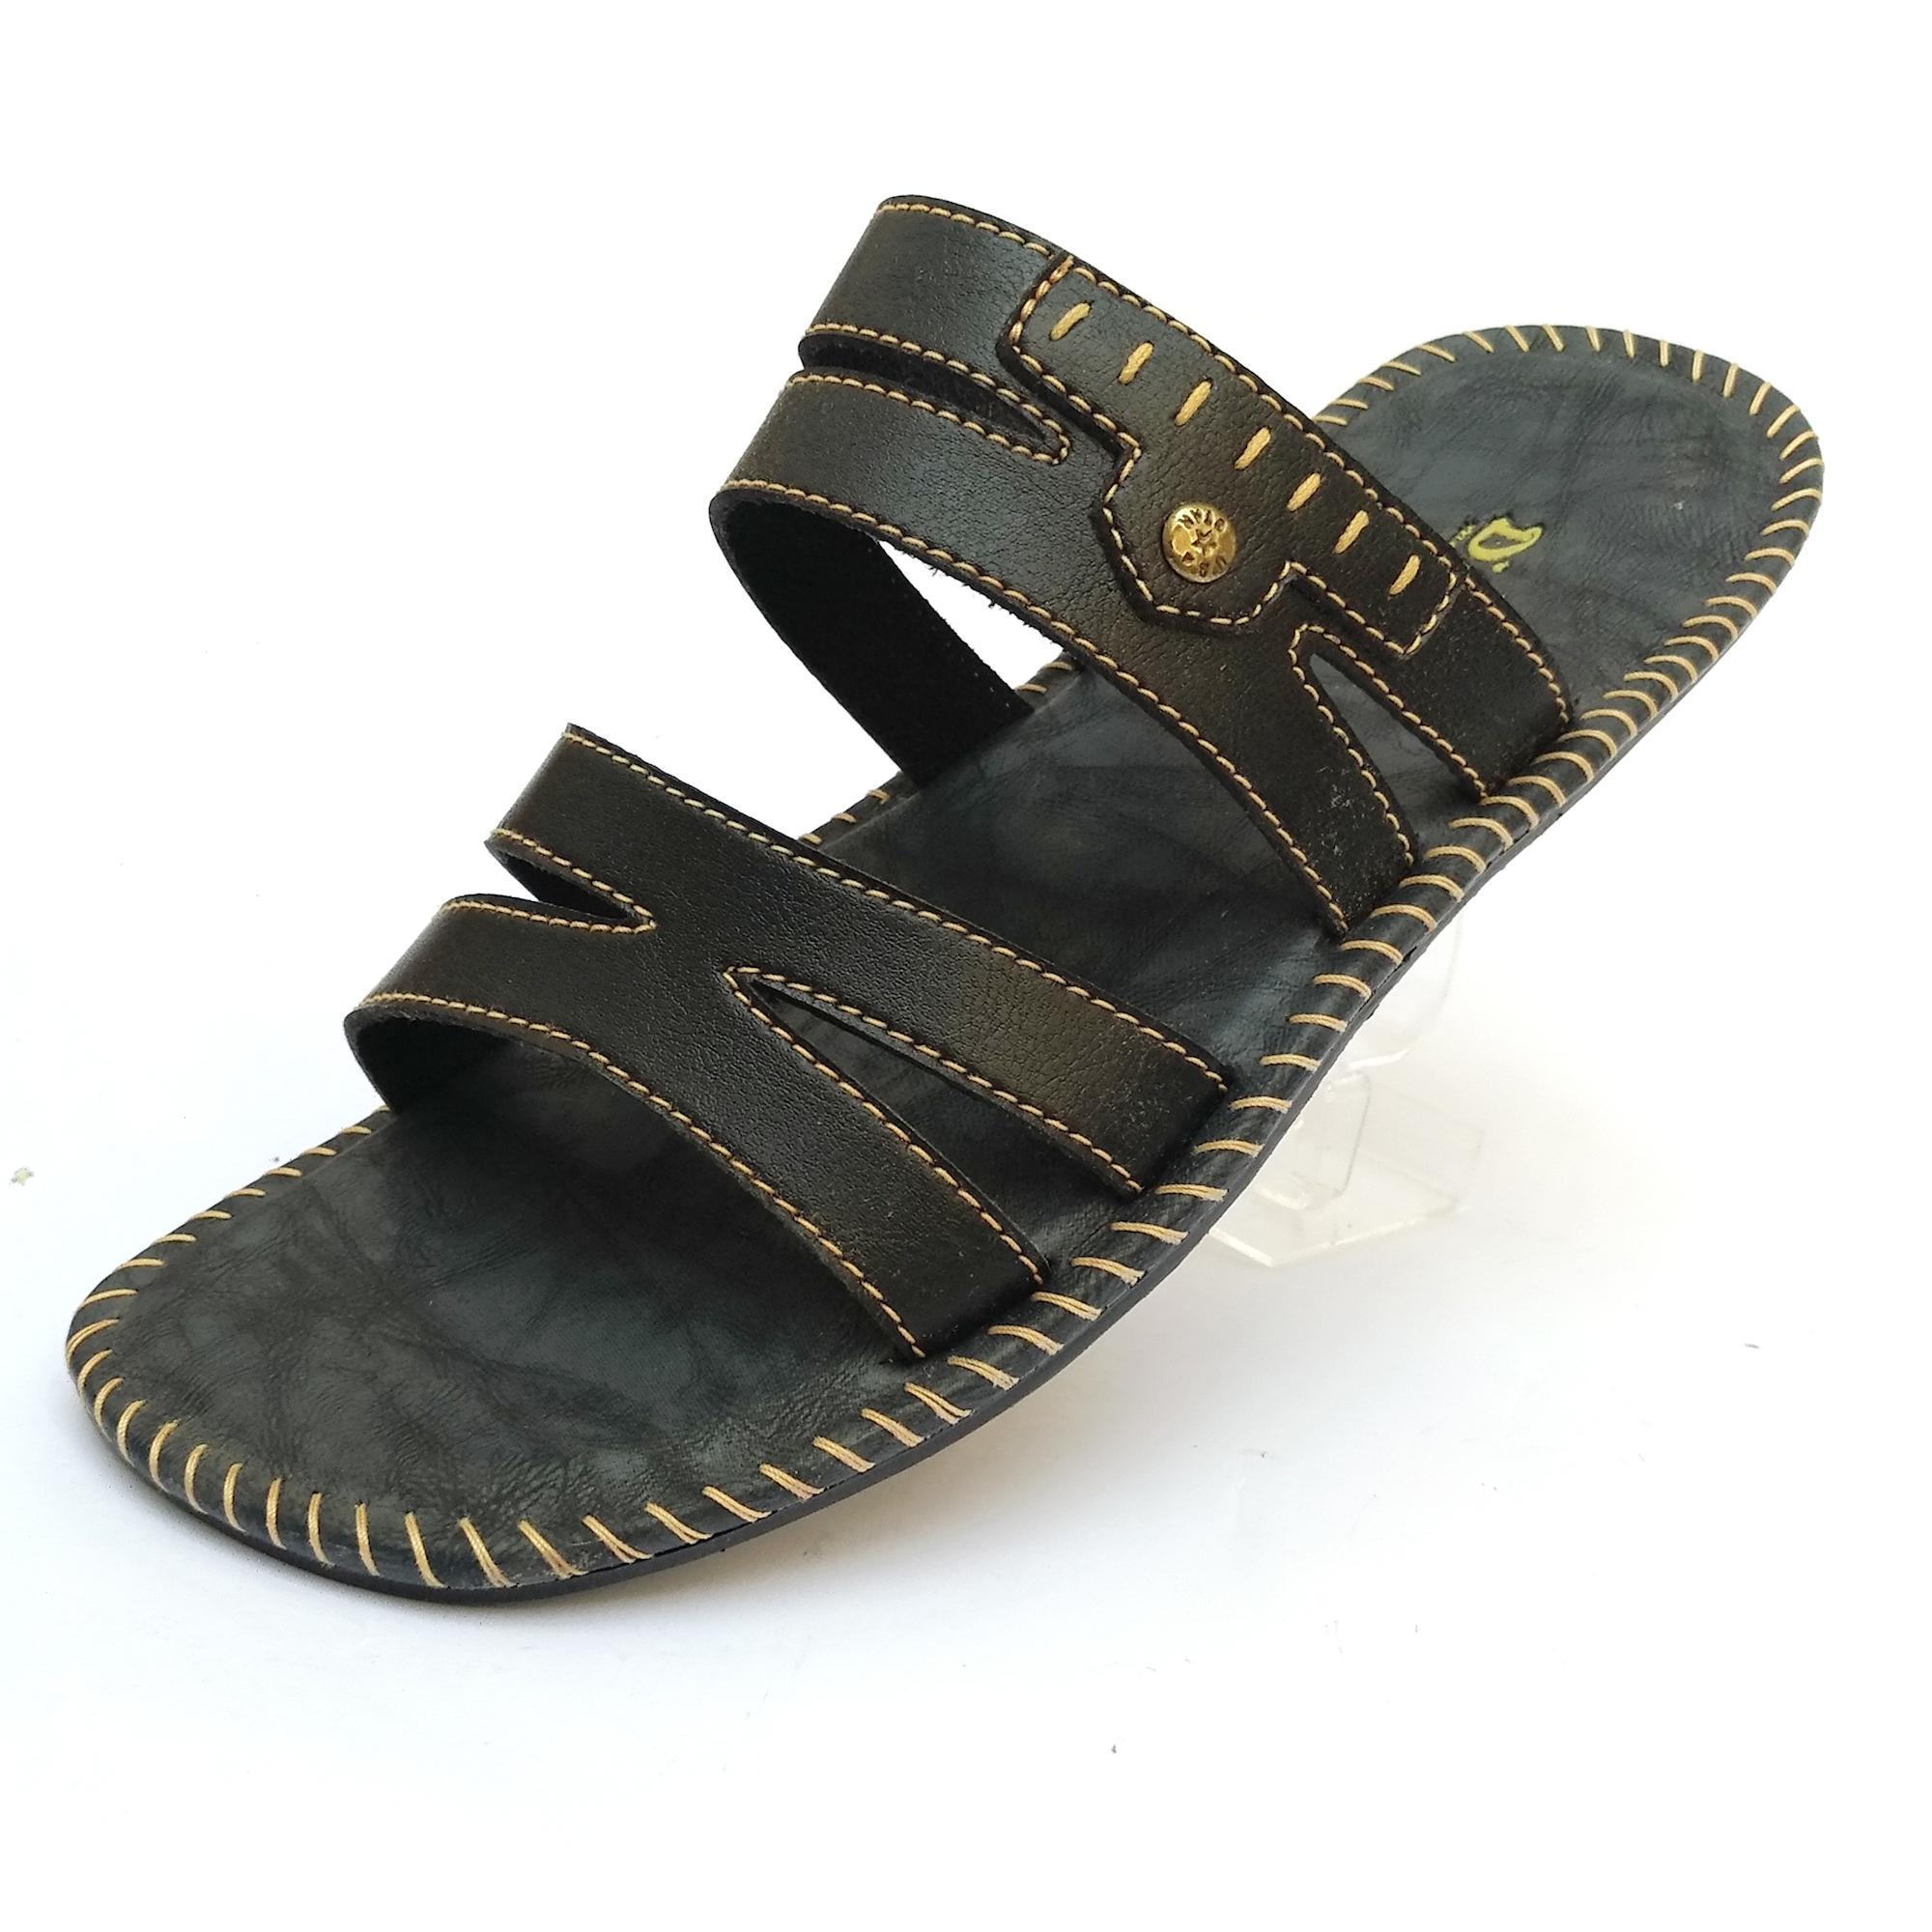 Toko Indonesia Perbandingan Harga Sepatu Pria 19 06 18 Finotti Kross Sandal Black White Kulit Casual Dewasa Murah Promo Ht